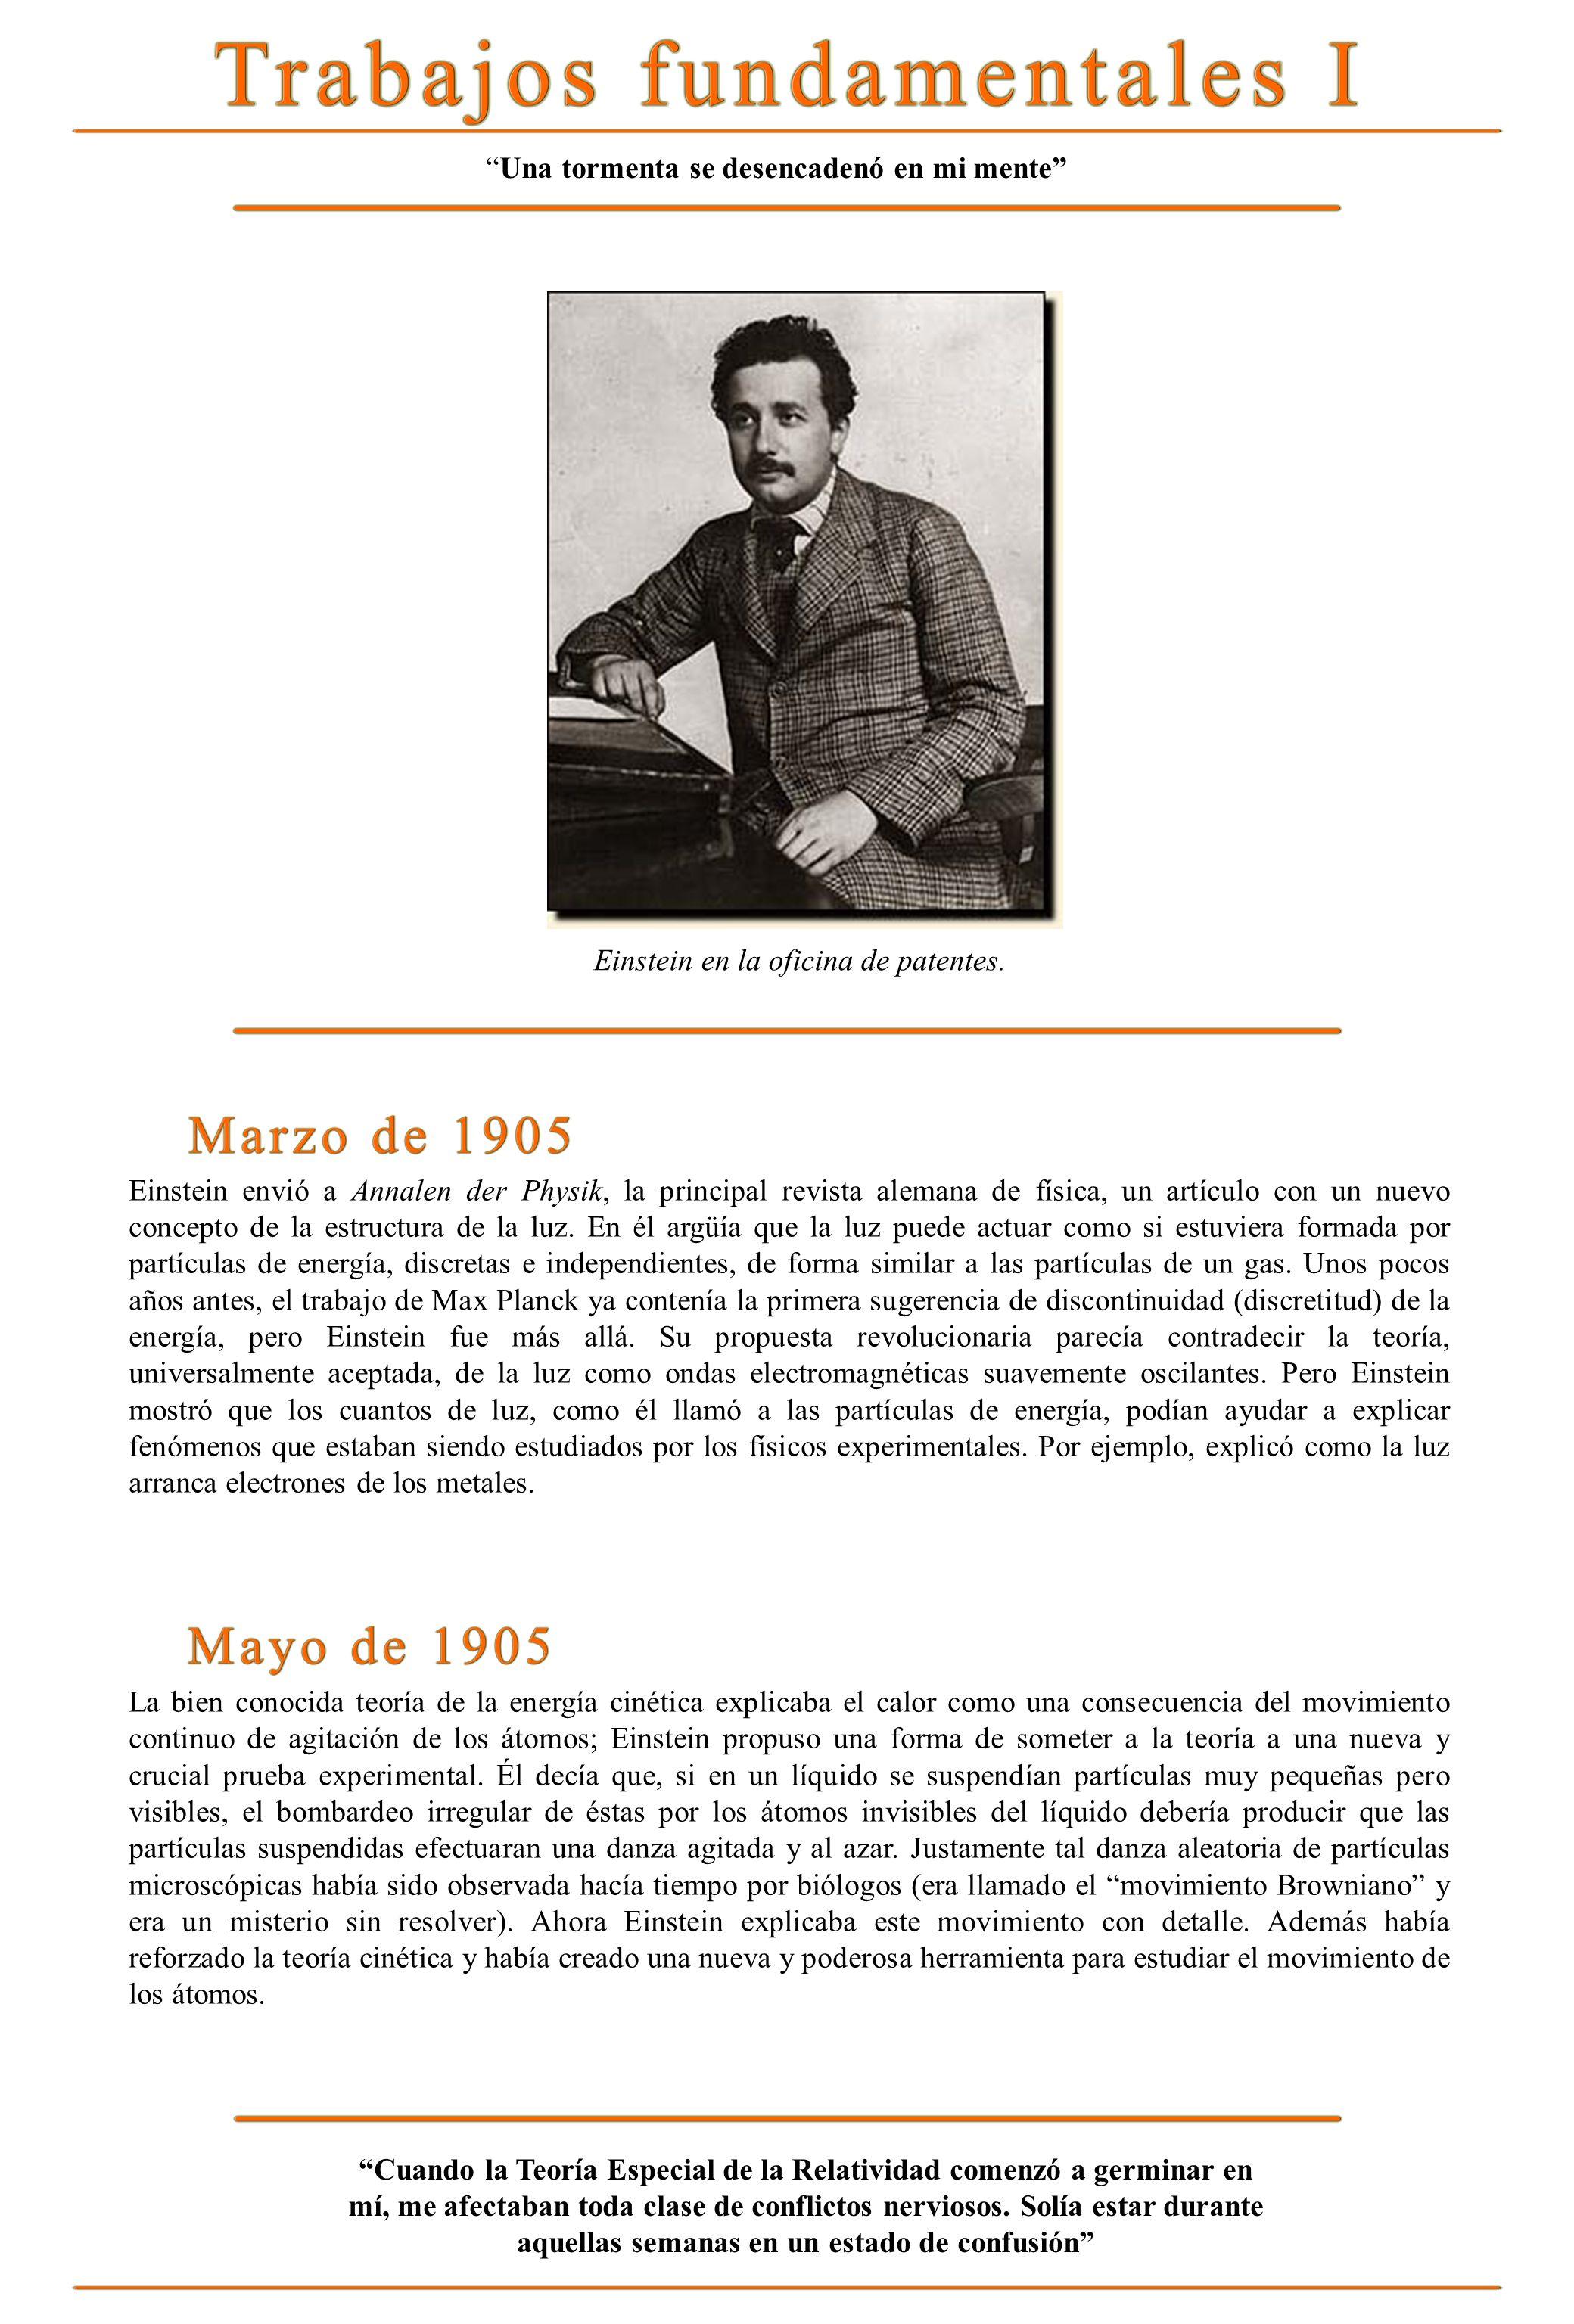 Einstein envió a Annalen der Physik, la principal revista alemana de física, un artículo con un nuevo concepto de la estructura de la luz. En él argüí